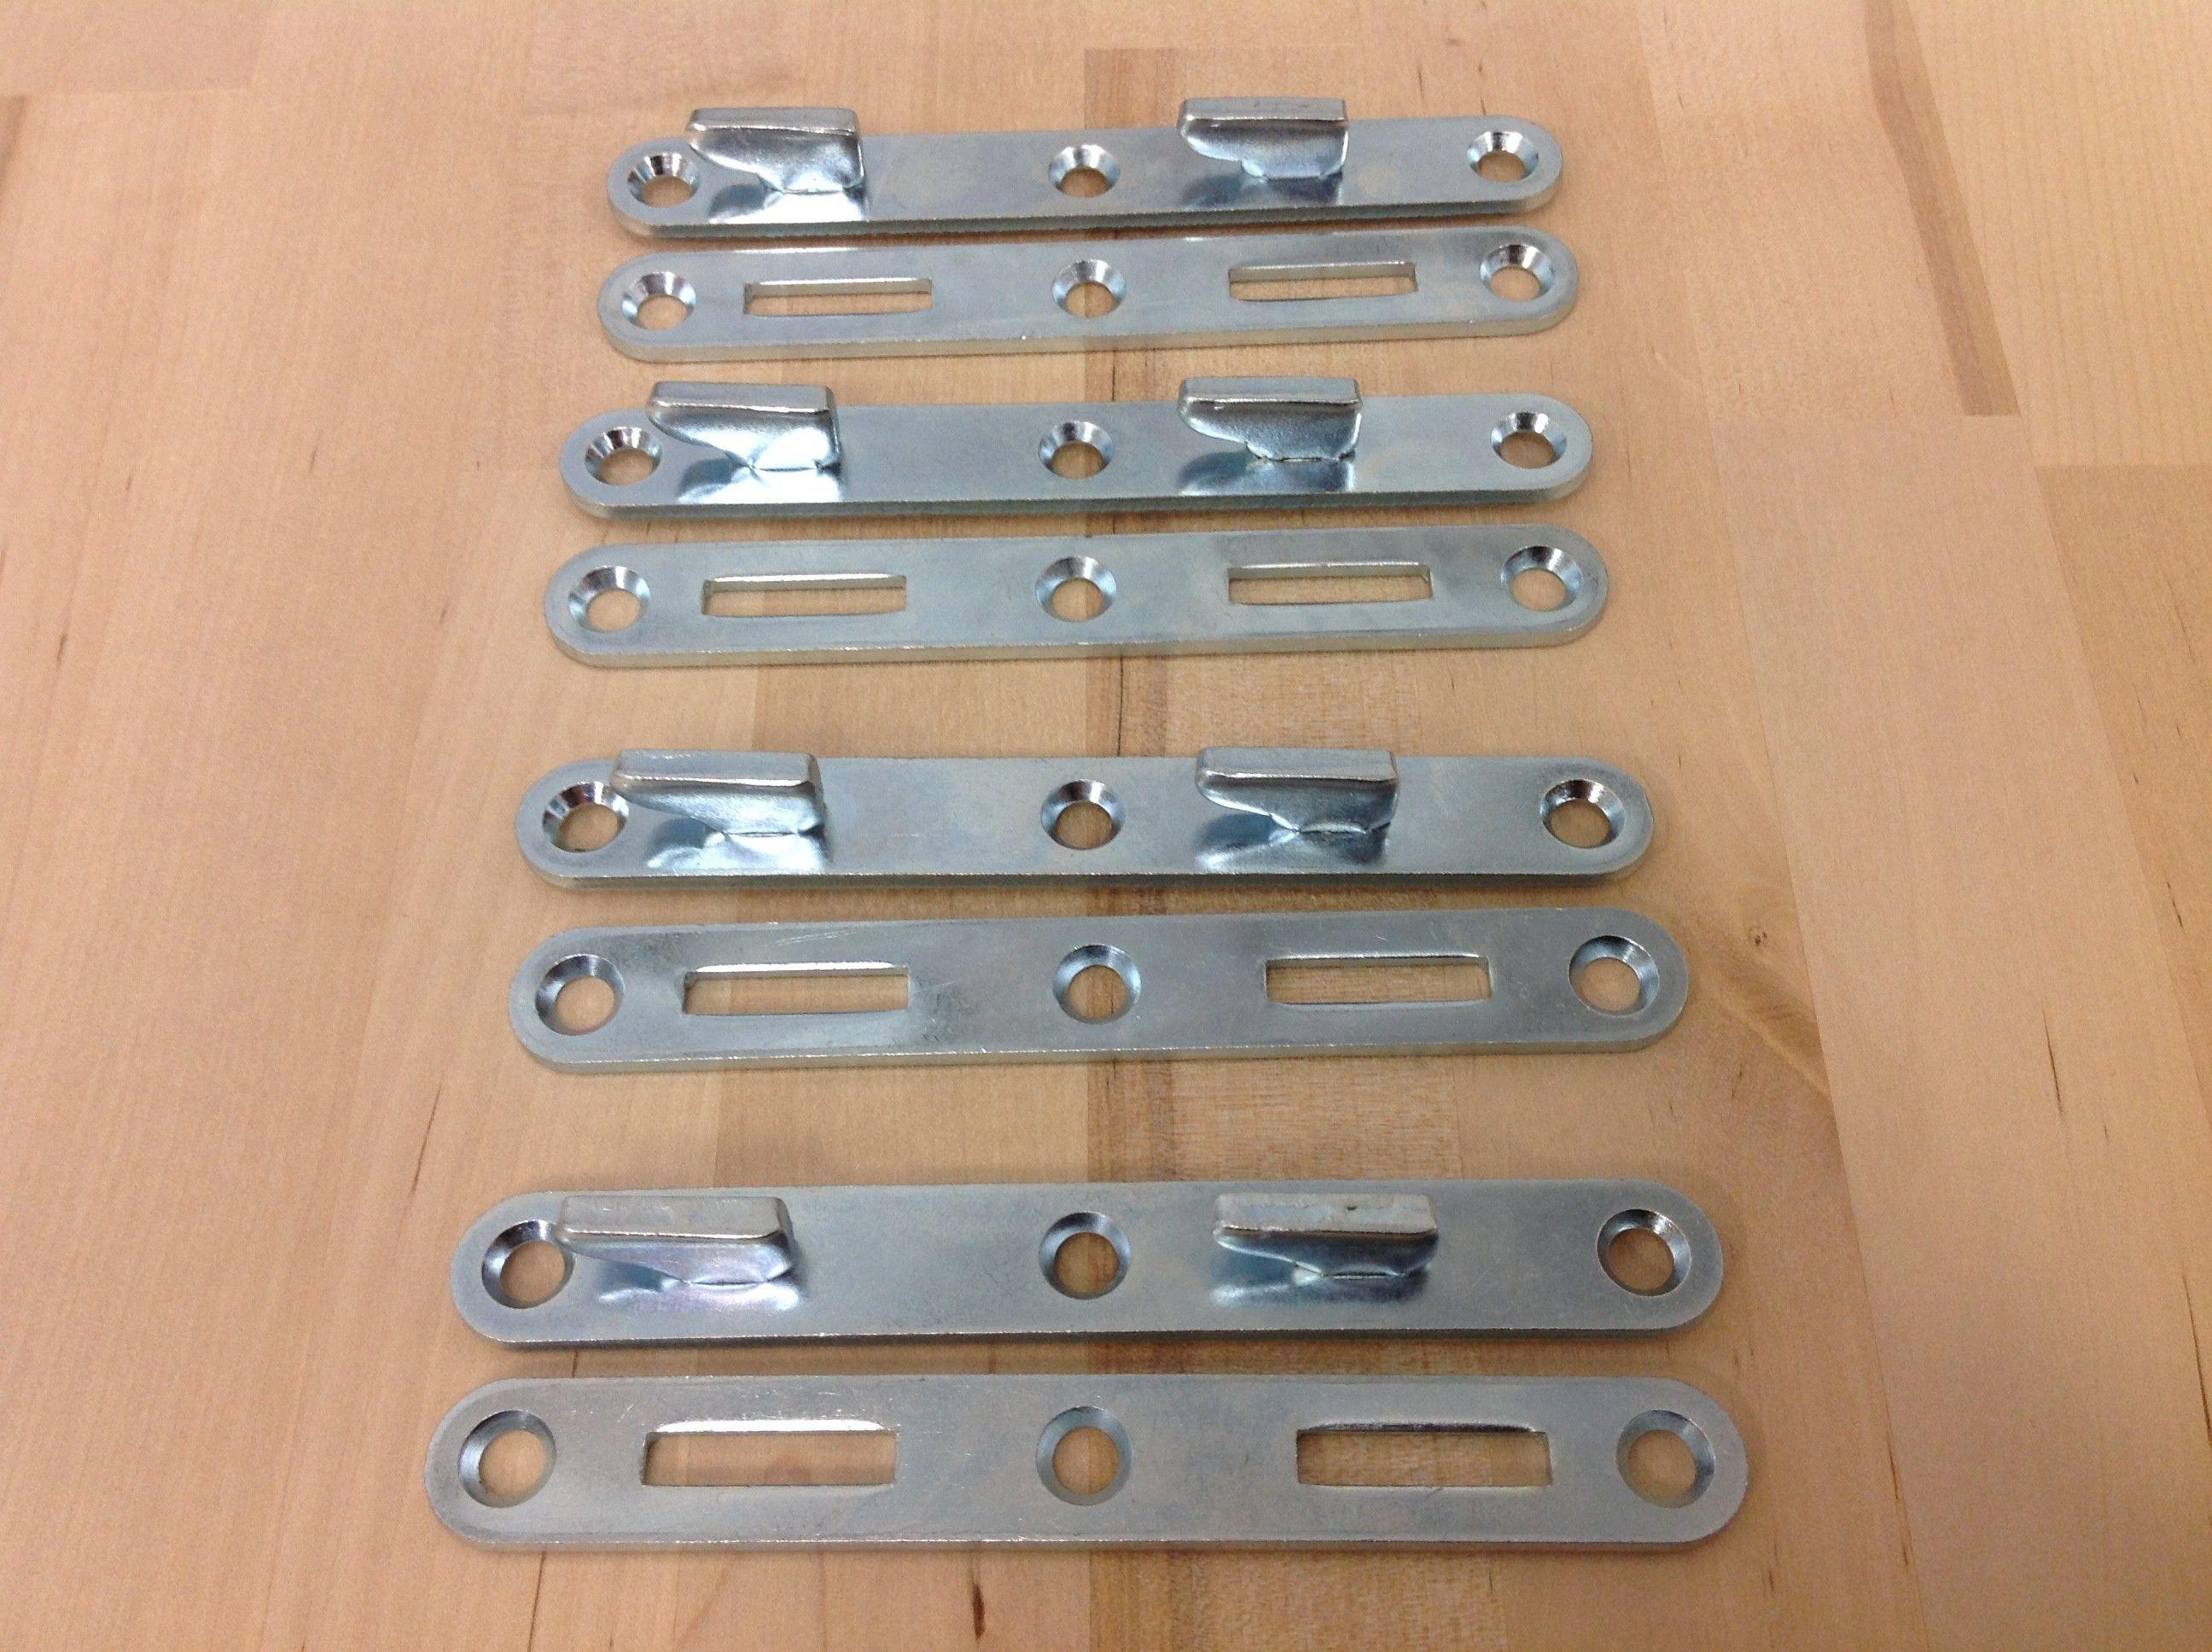 Bed Rail Fasteners 58 W X 4 1516 Long, Heavy Duty